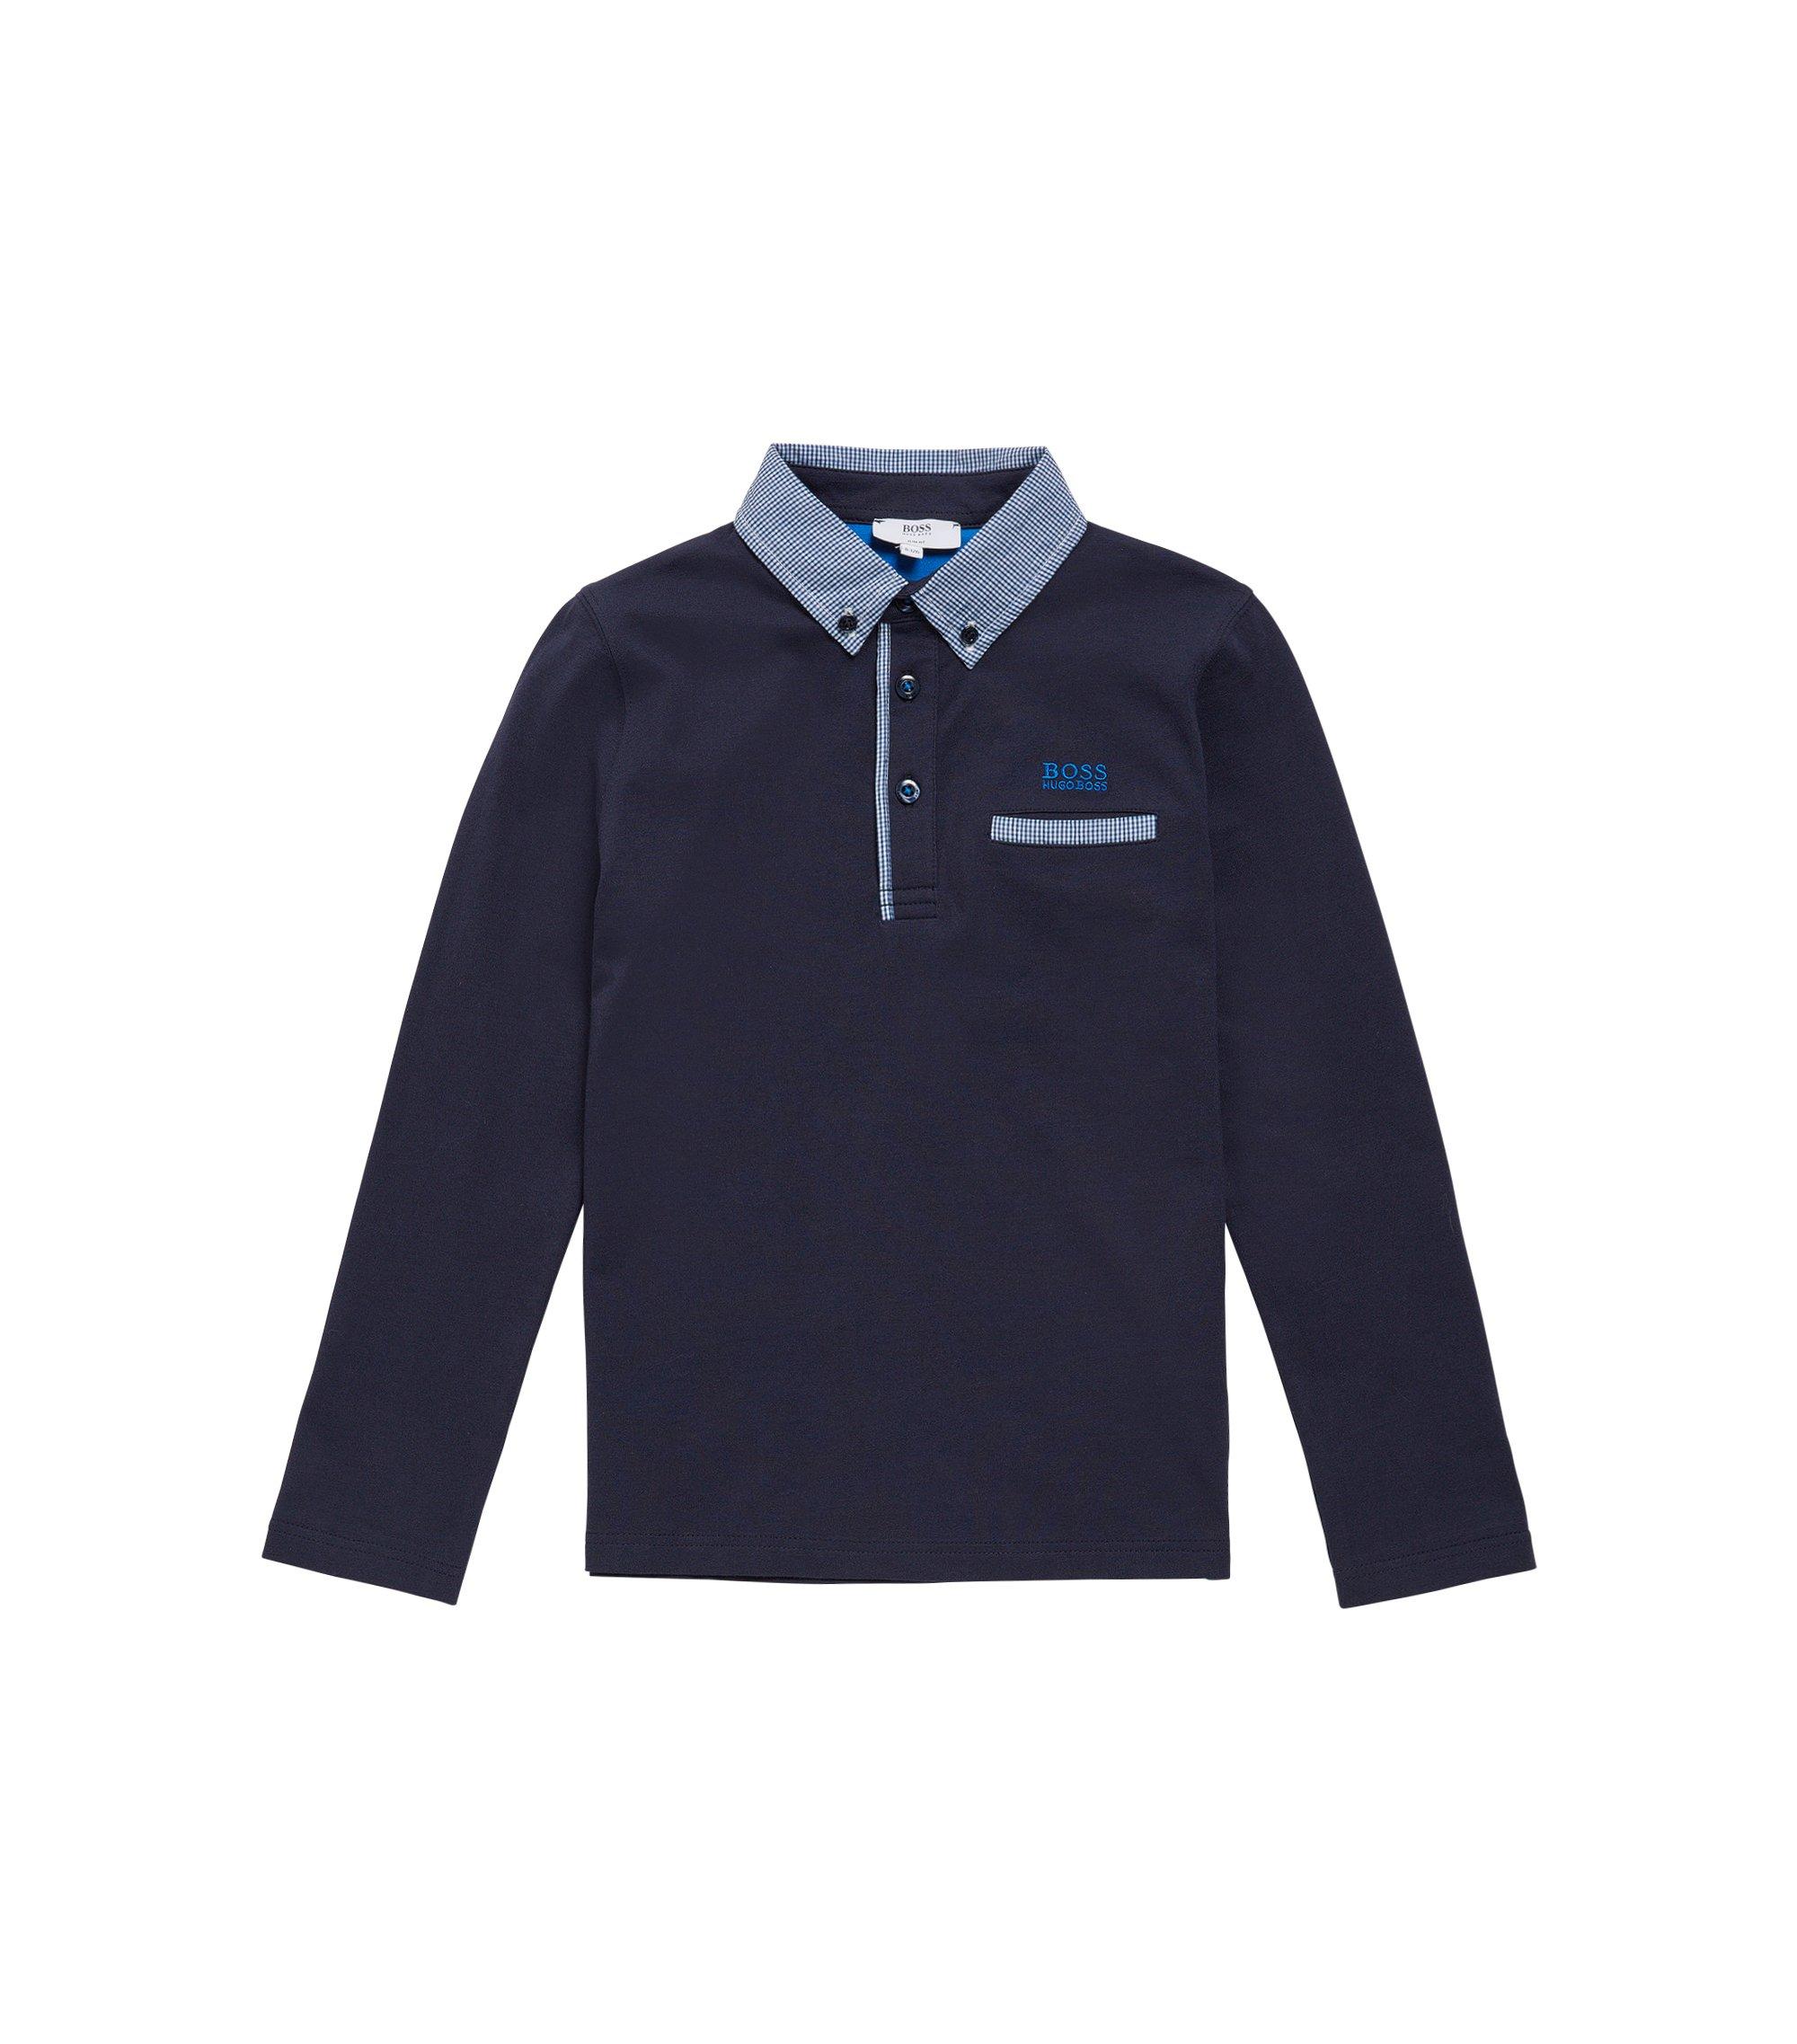 T-shirt à manches longues pour enfant en coton, à carreaux: «J25993», Bleu foncé